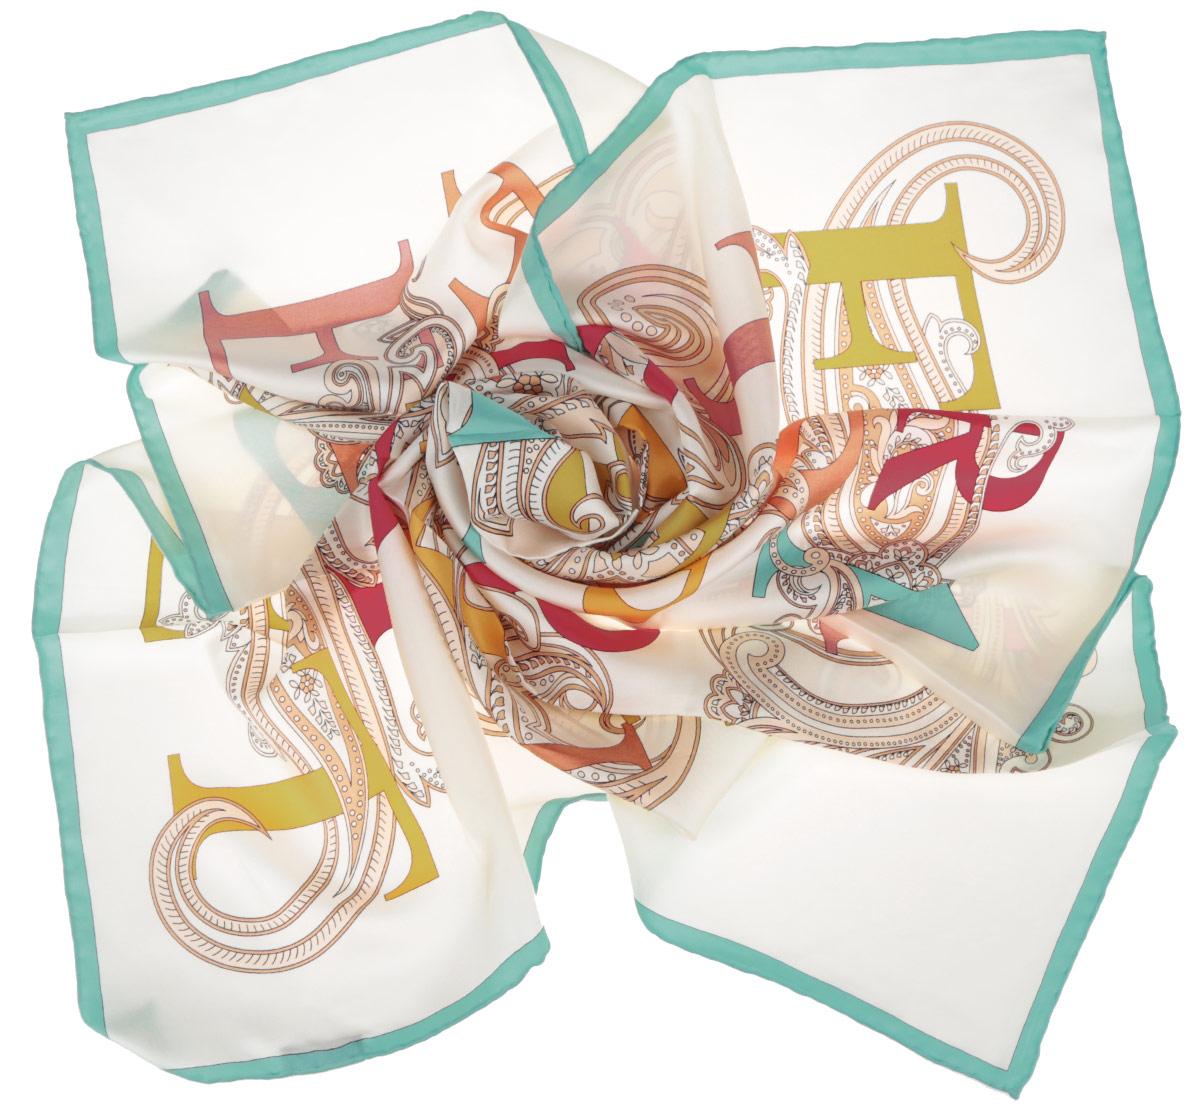 ПлатокCX1516-44-8Стильный женский платок Fabretti станет великолепным завершением любого наряда. Платок изготовлен из высококачественного 100% шелка и оформлен красочным принтом с буквами на фоне цветочного орнамента. Классическая квадратная форма позволяет носить платок на шее, украшать им прическу или декорировать сумочку. Мягкий и шелковистый платок поможет вам создать изысканный женственный образ, а также согреет в непогоду. Такой платок превосходно дополнит любой наряд и подчеркнет ваш неповторимый вкус и элегантность.